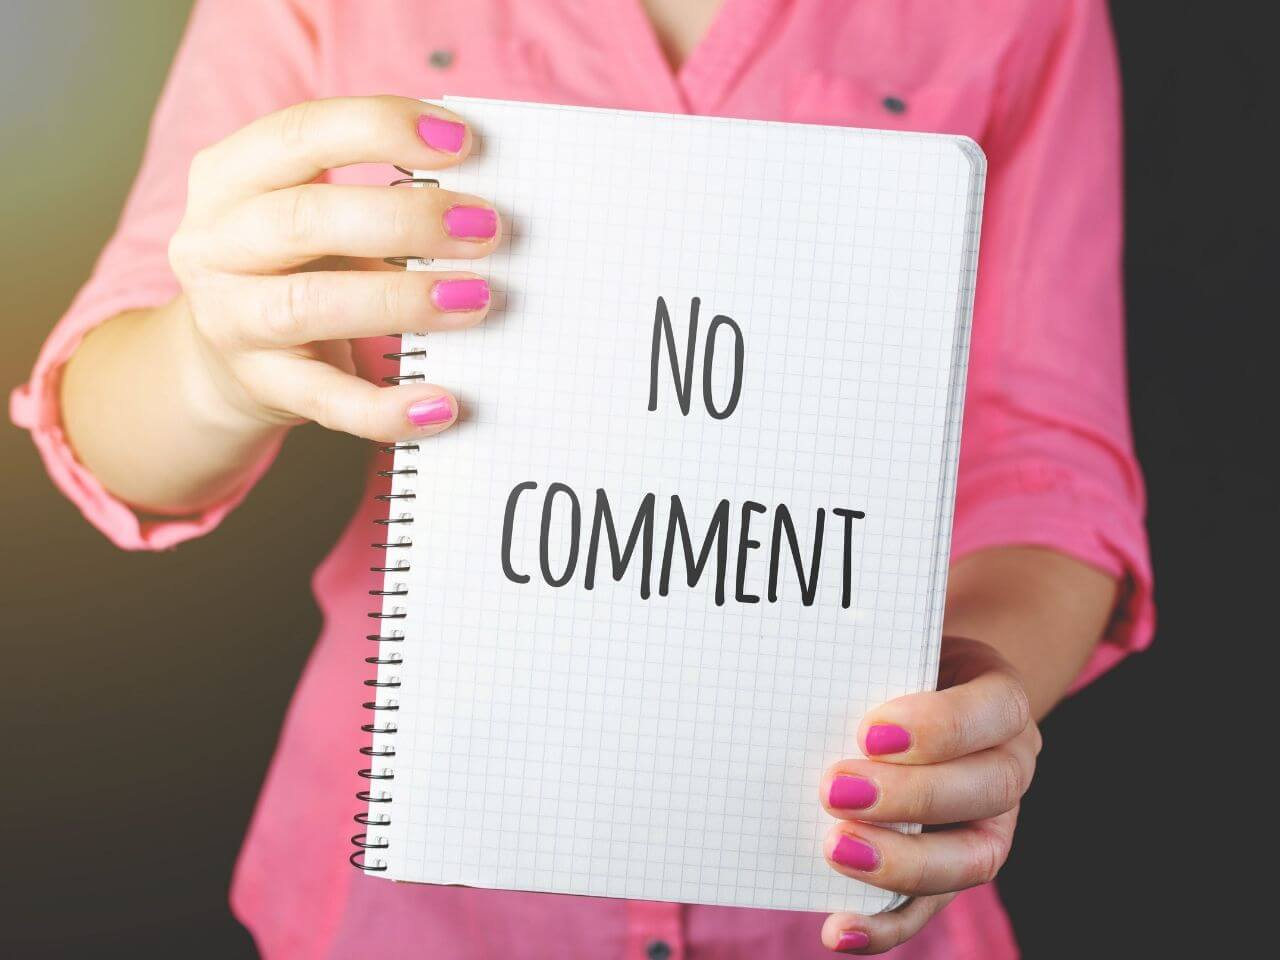 ノーコメントと書かれたノートを持つ人